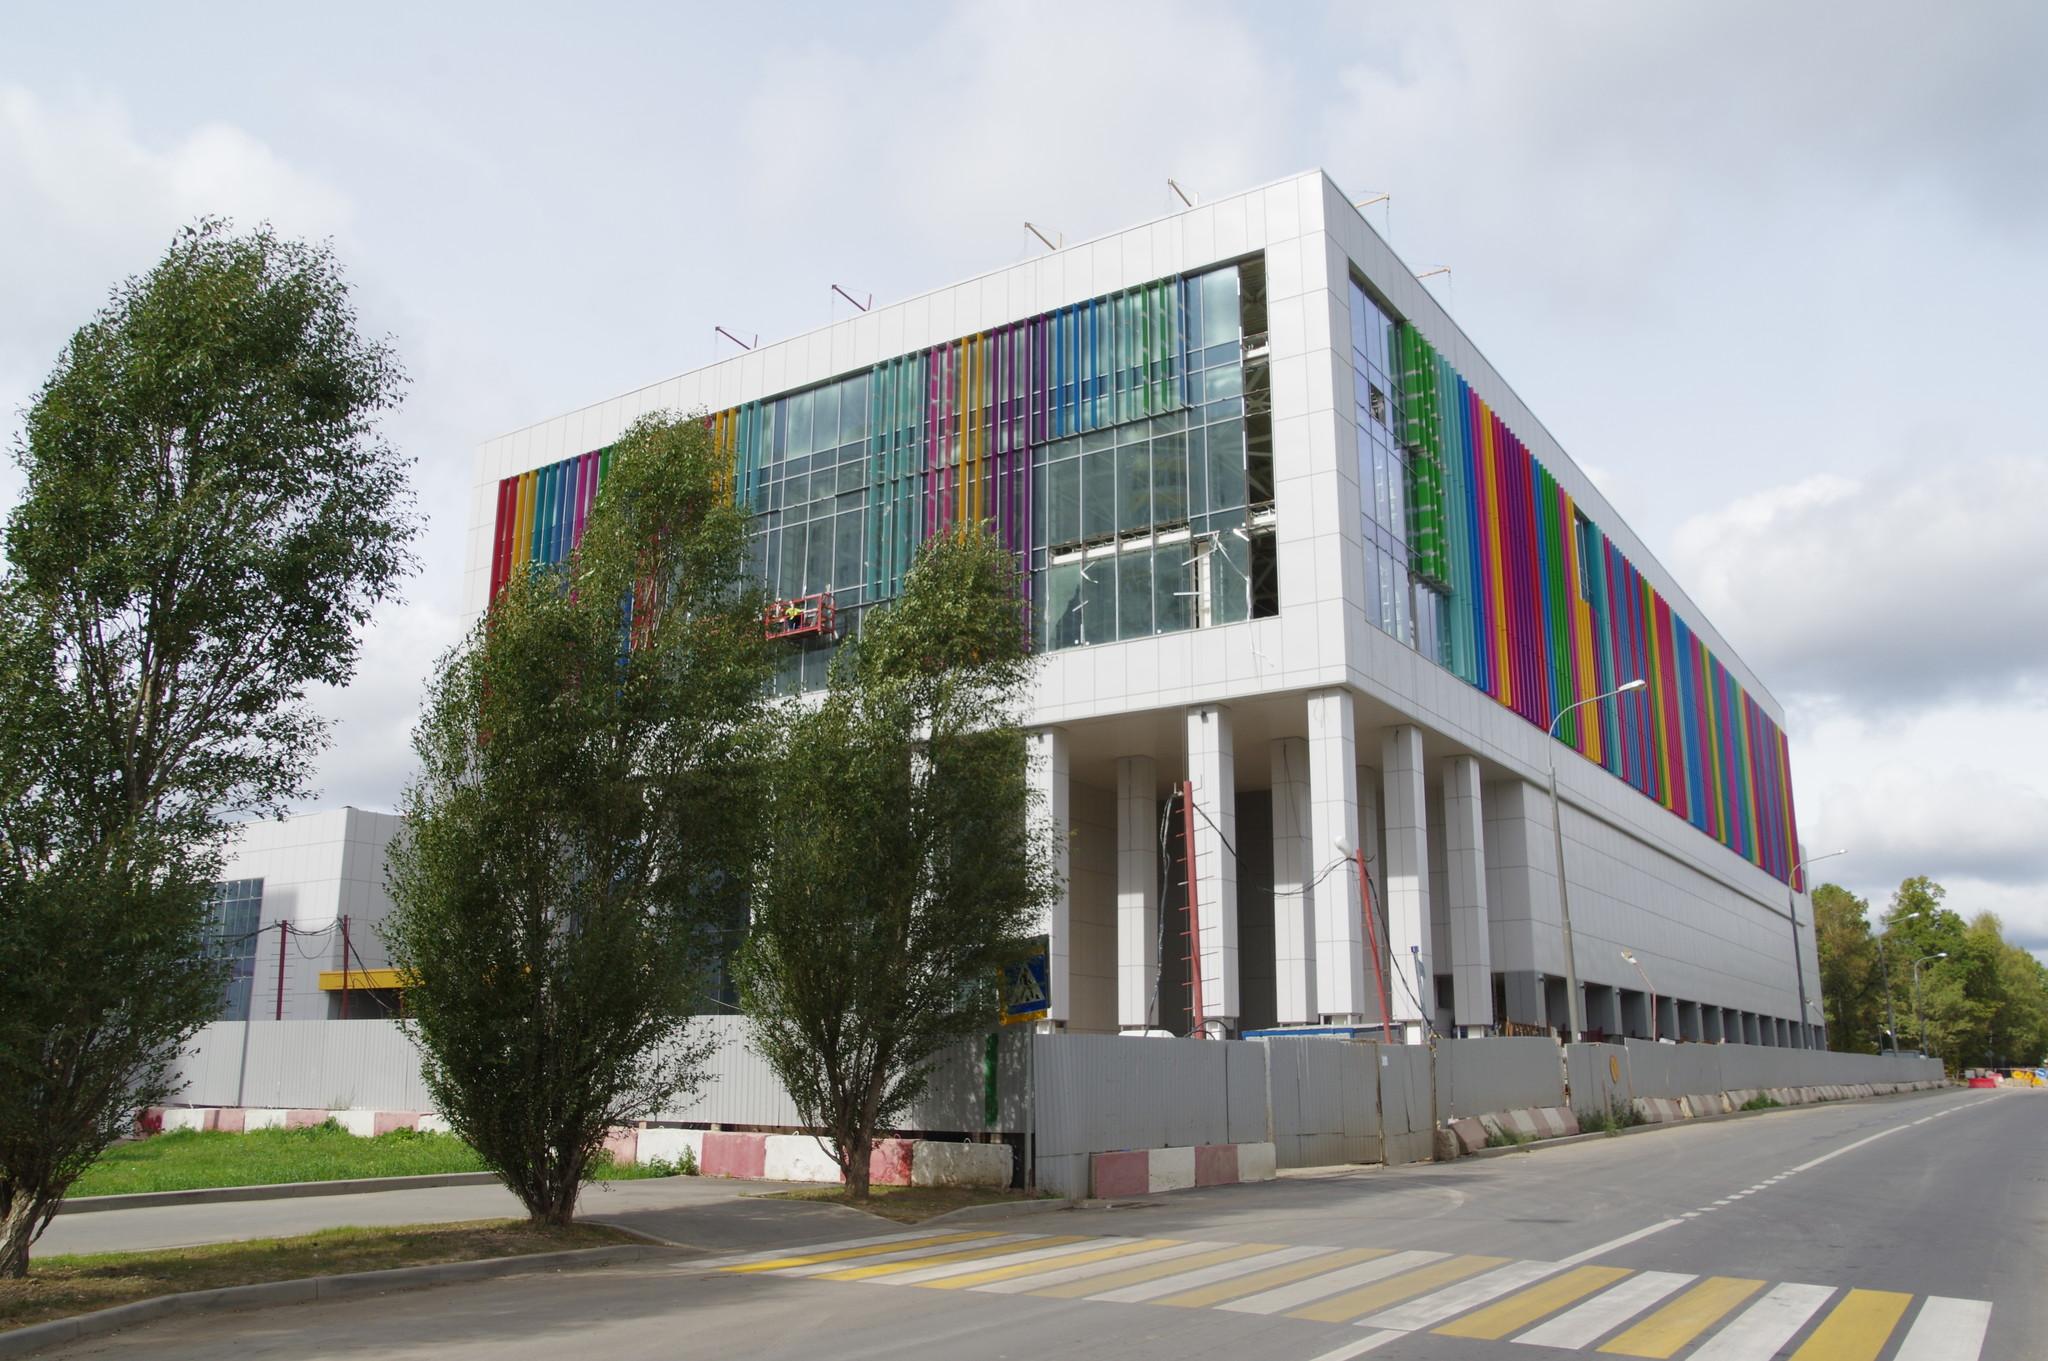 Строительство спорткомплекса на 9-й Северной линии, дом 1Б для учеников спортивной школы олимпийского резерва «Северный»